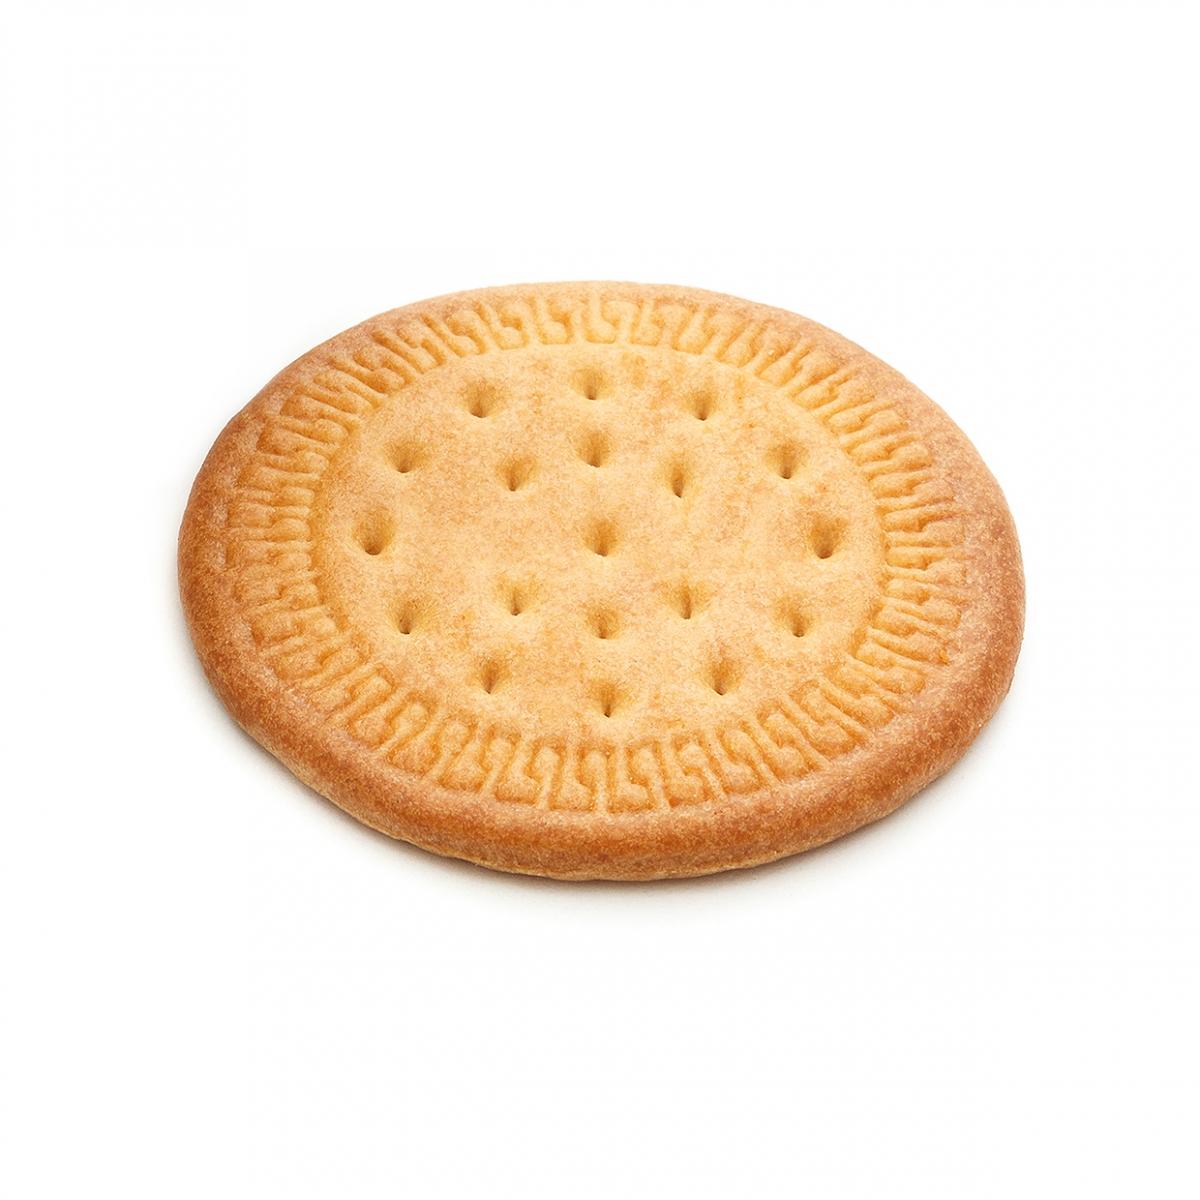 Imagen en la que se ve una galleta